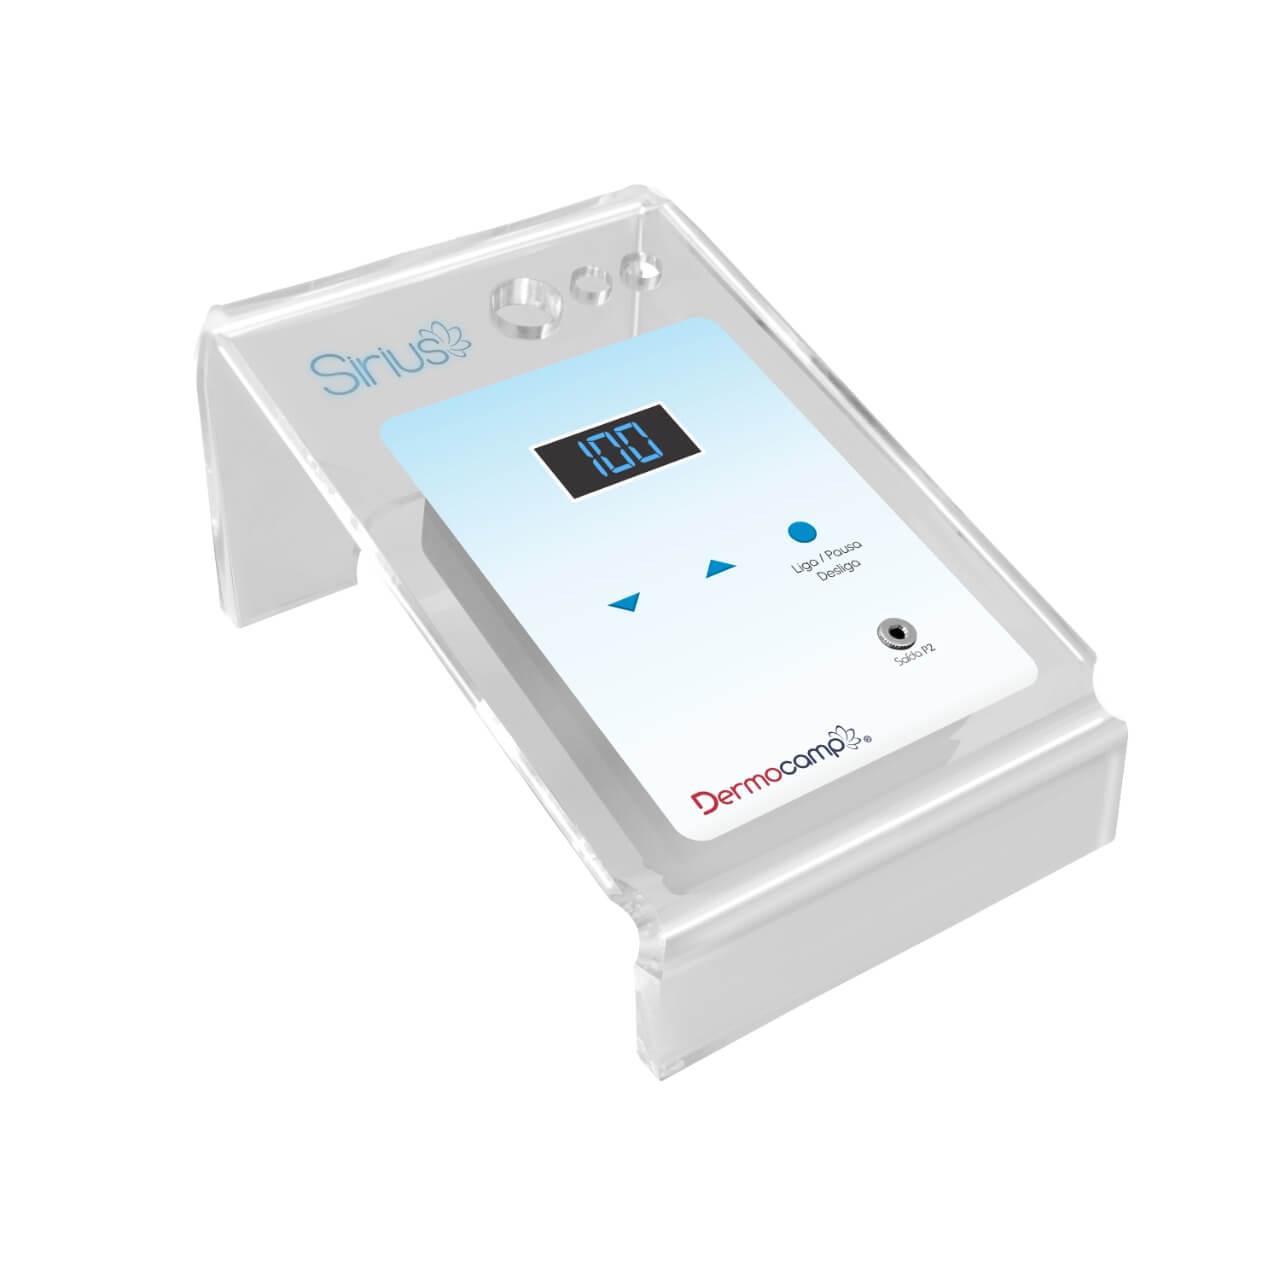 Controle de Velocidade Digital Dermocamp Sirius